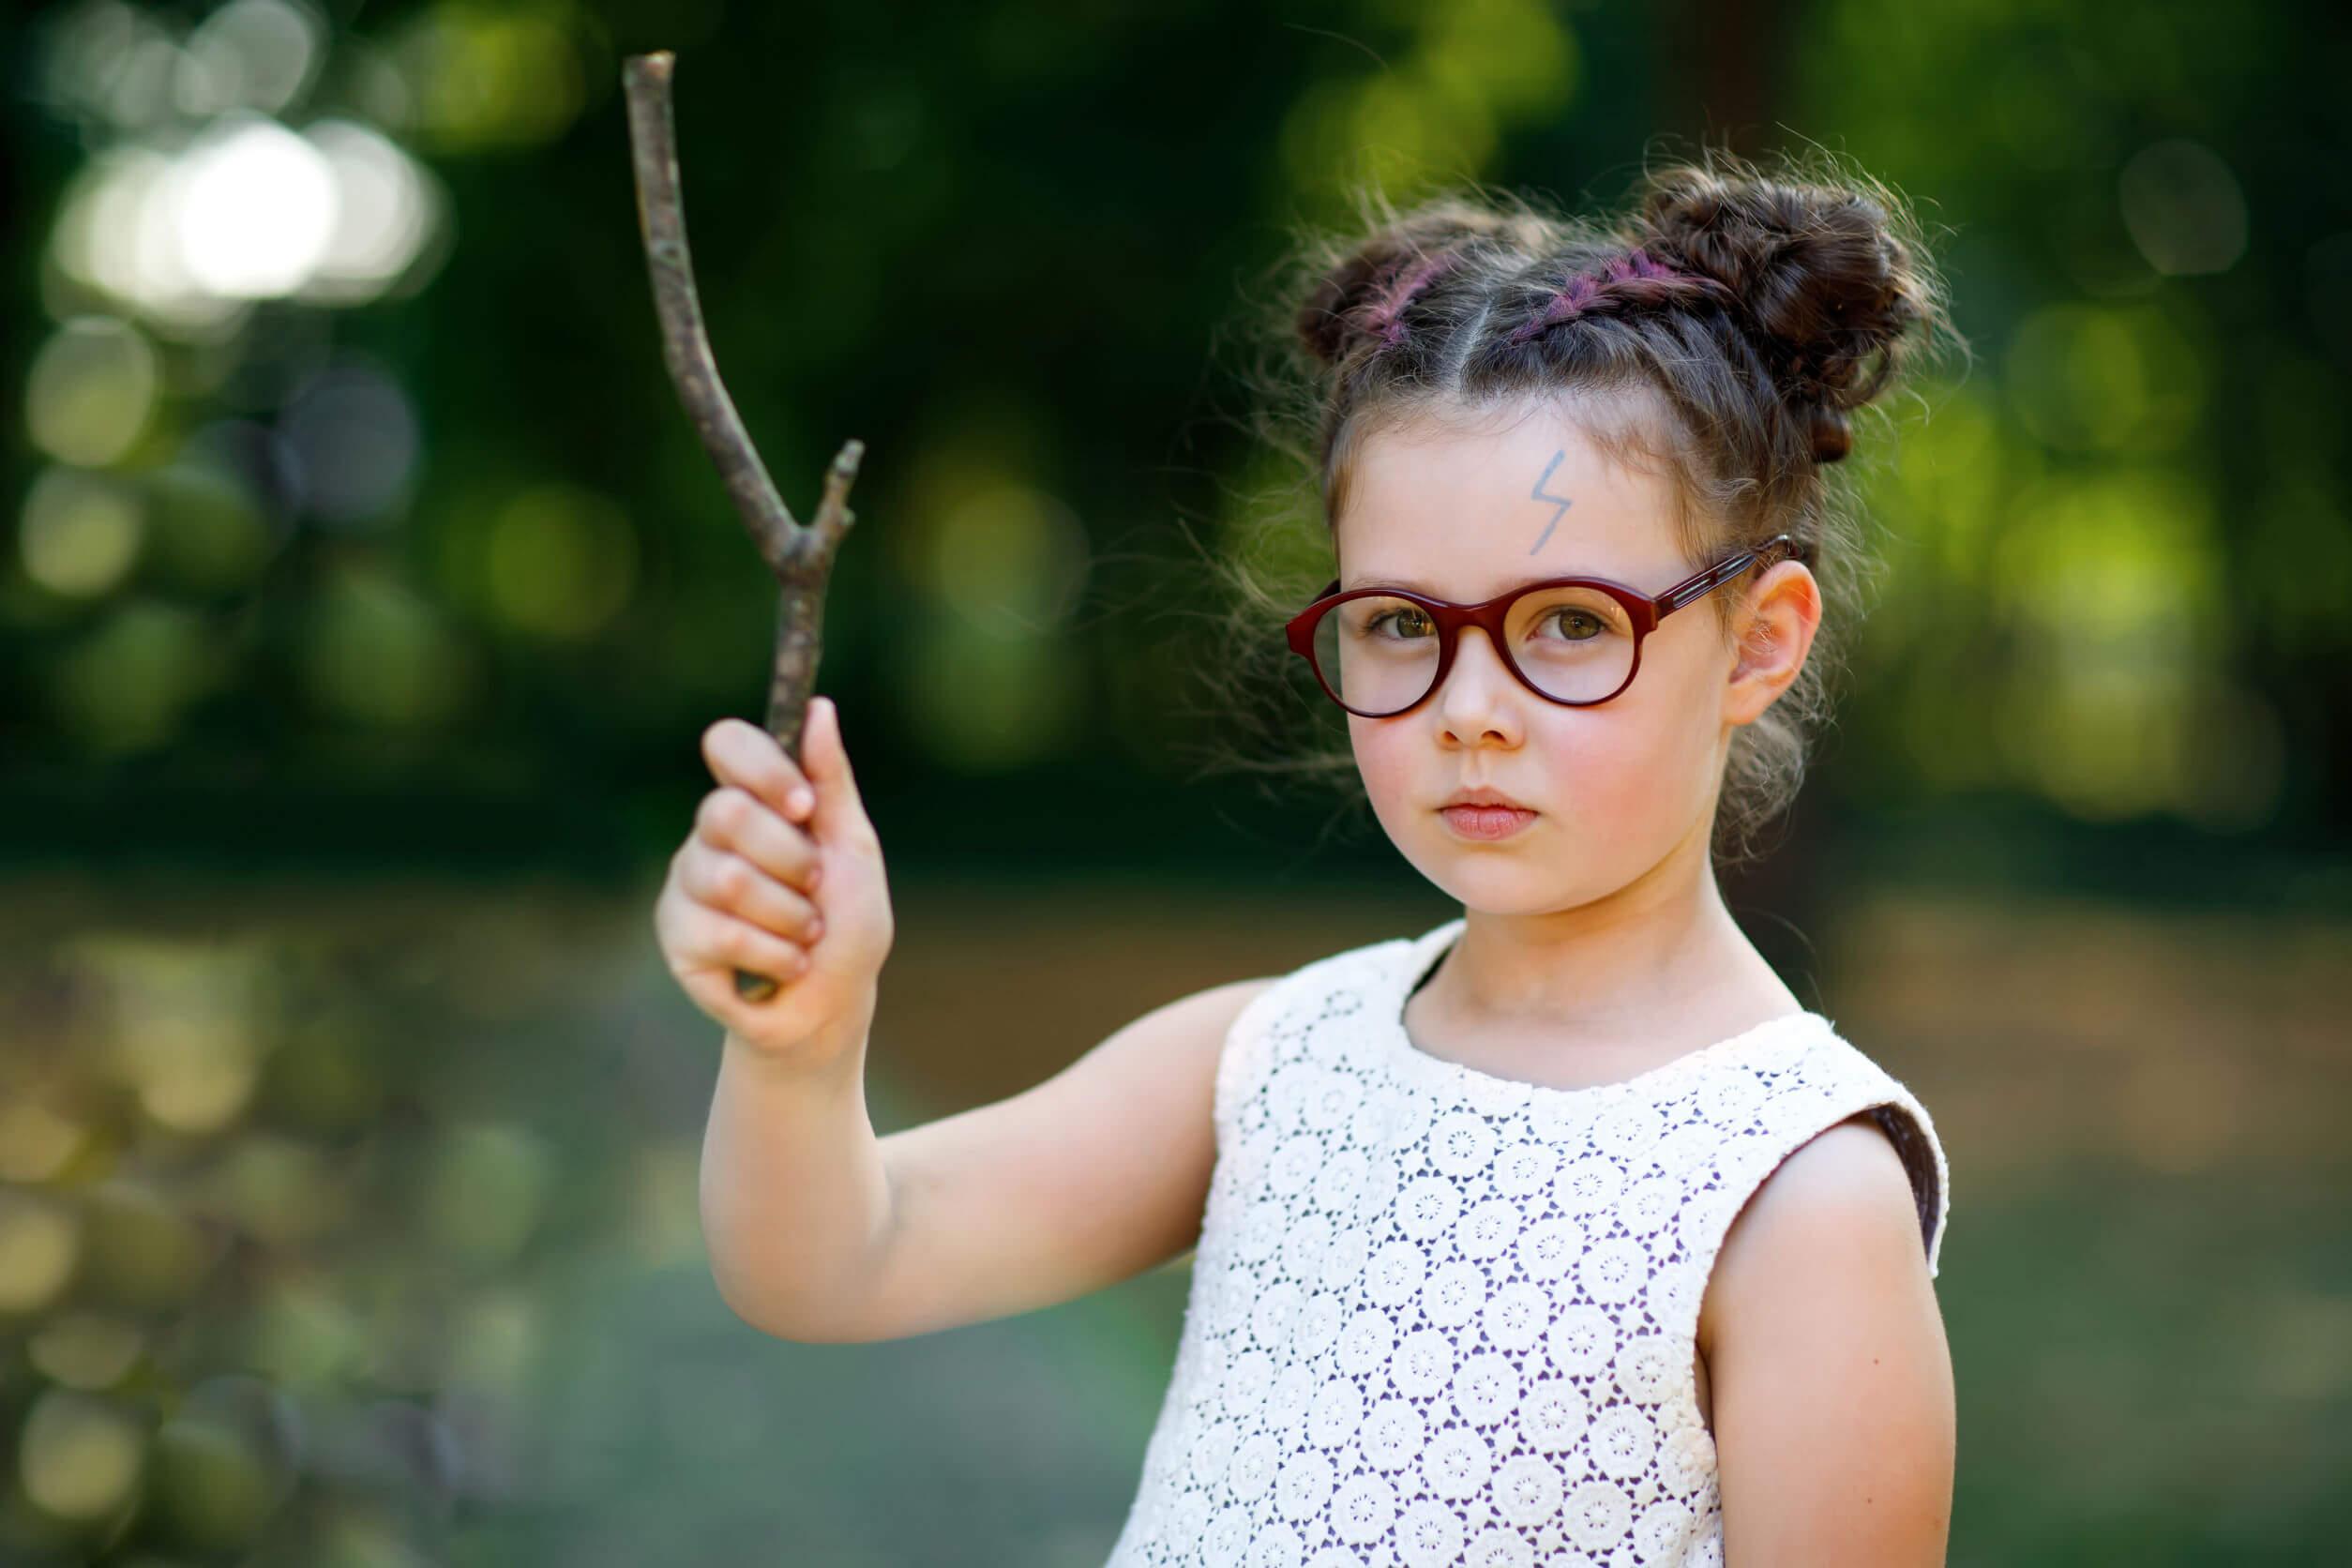 Niña disfrazada de Harry Potter con una varita hecha con un palo.